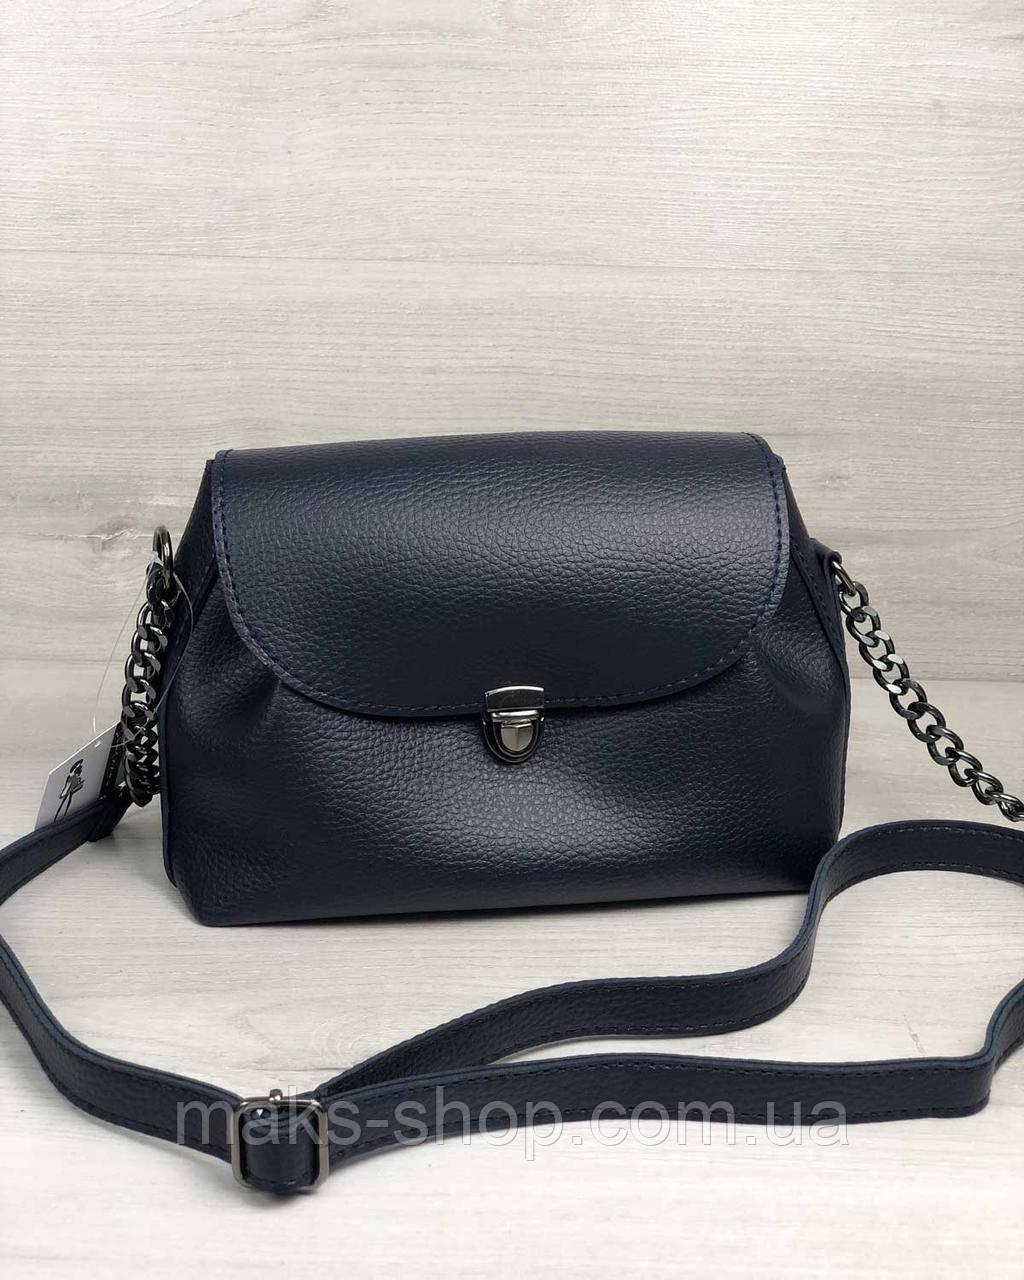 a40dccc91ca7 Женская сумка Софи,кожзам,WeLassie - Maks Shop- надежный и перспективный  интернет магазин